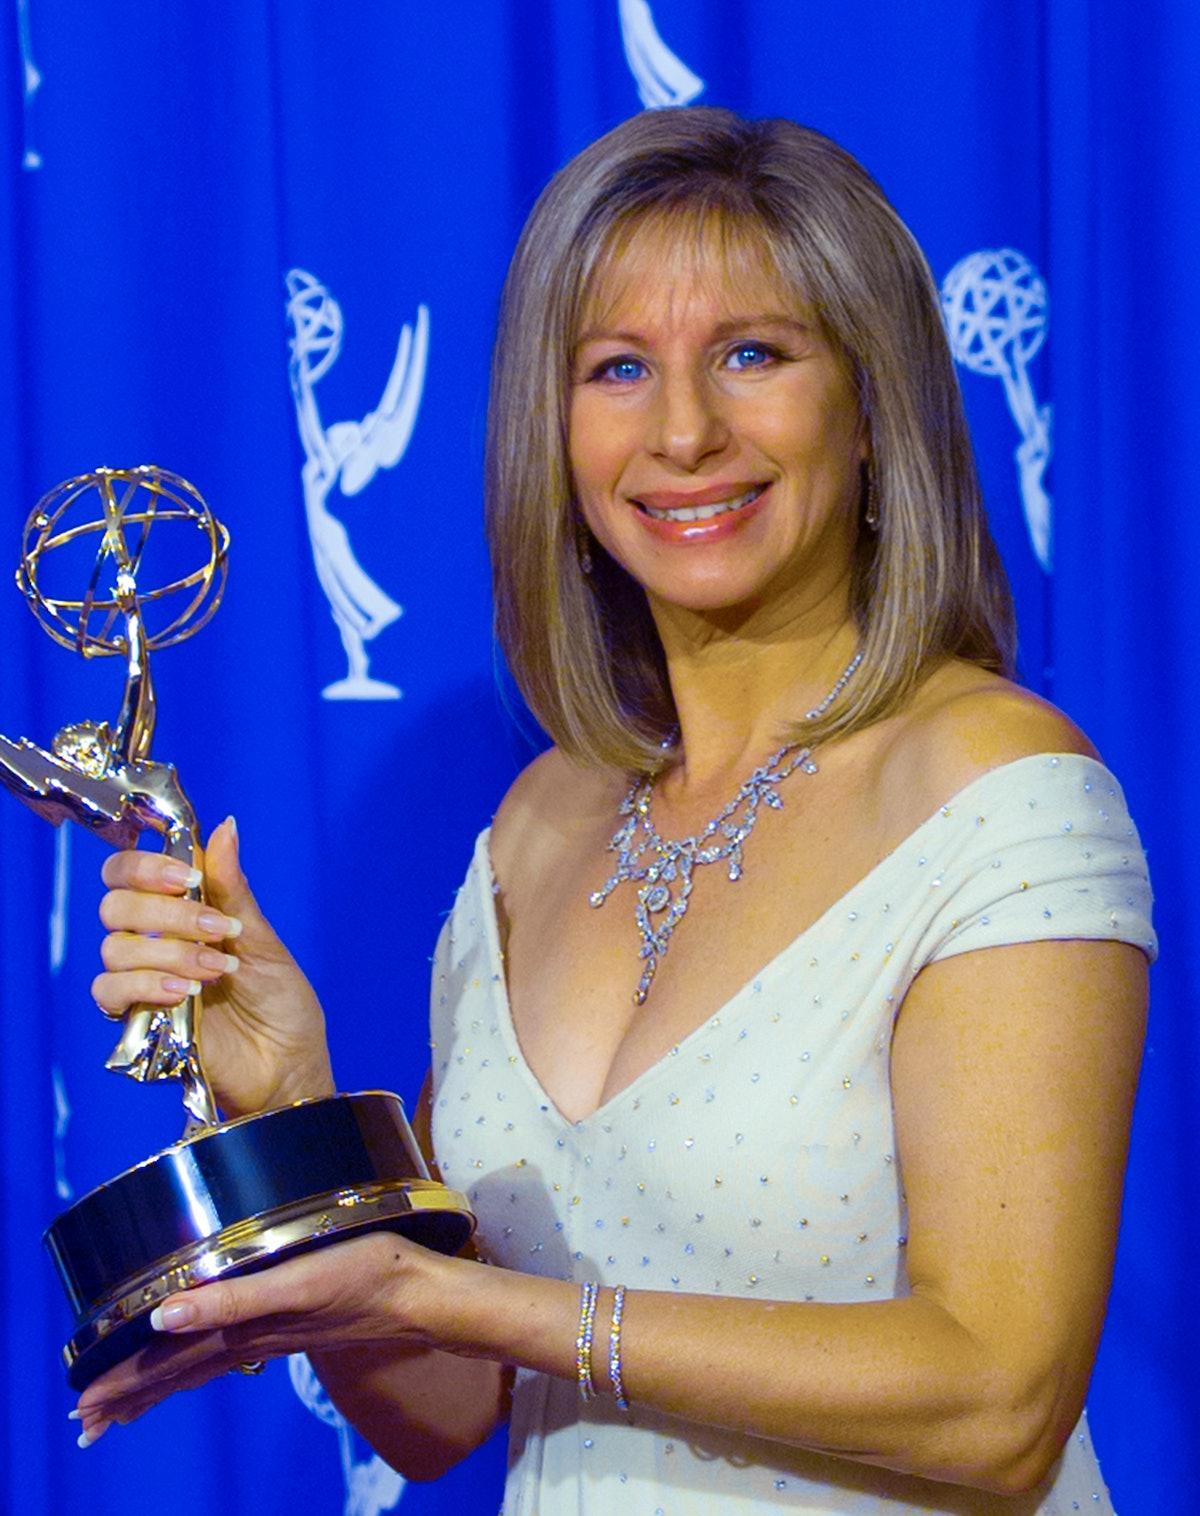 PASADENA, CA - SEPTEMBER 10: Barbra Streisand at the 47th Primetime Emmy Awards Show on September 10...